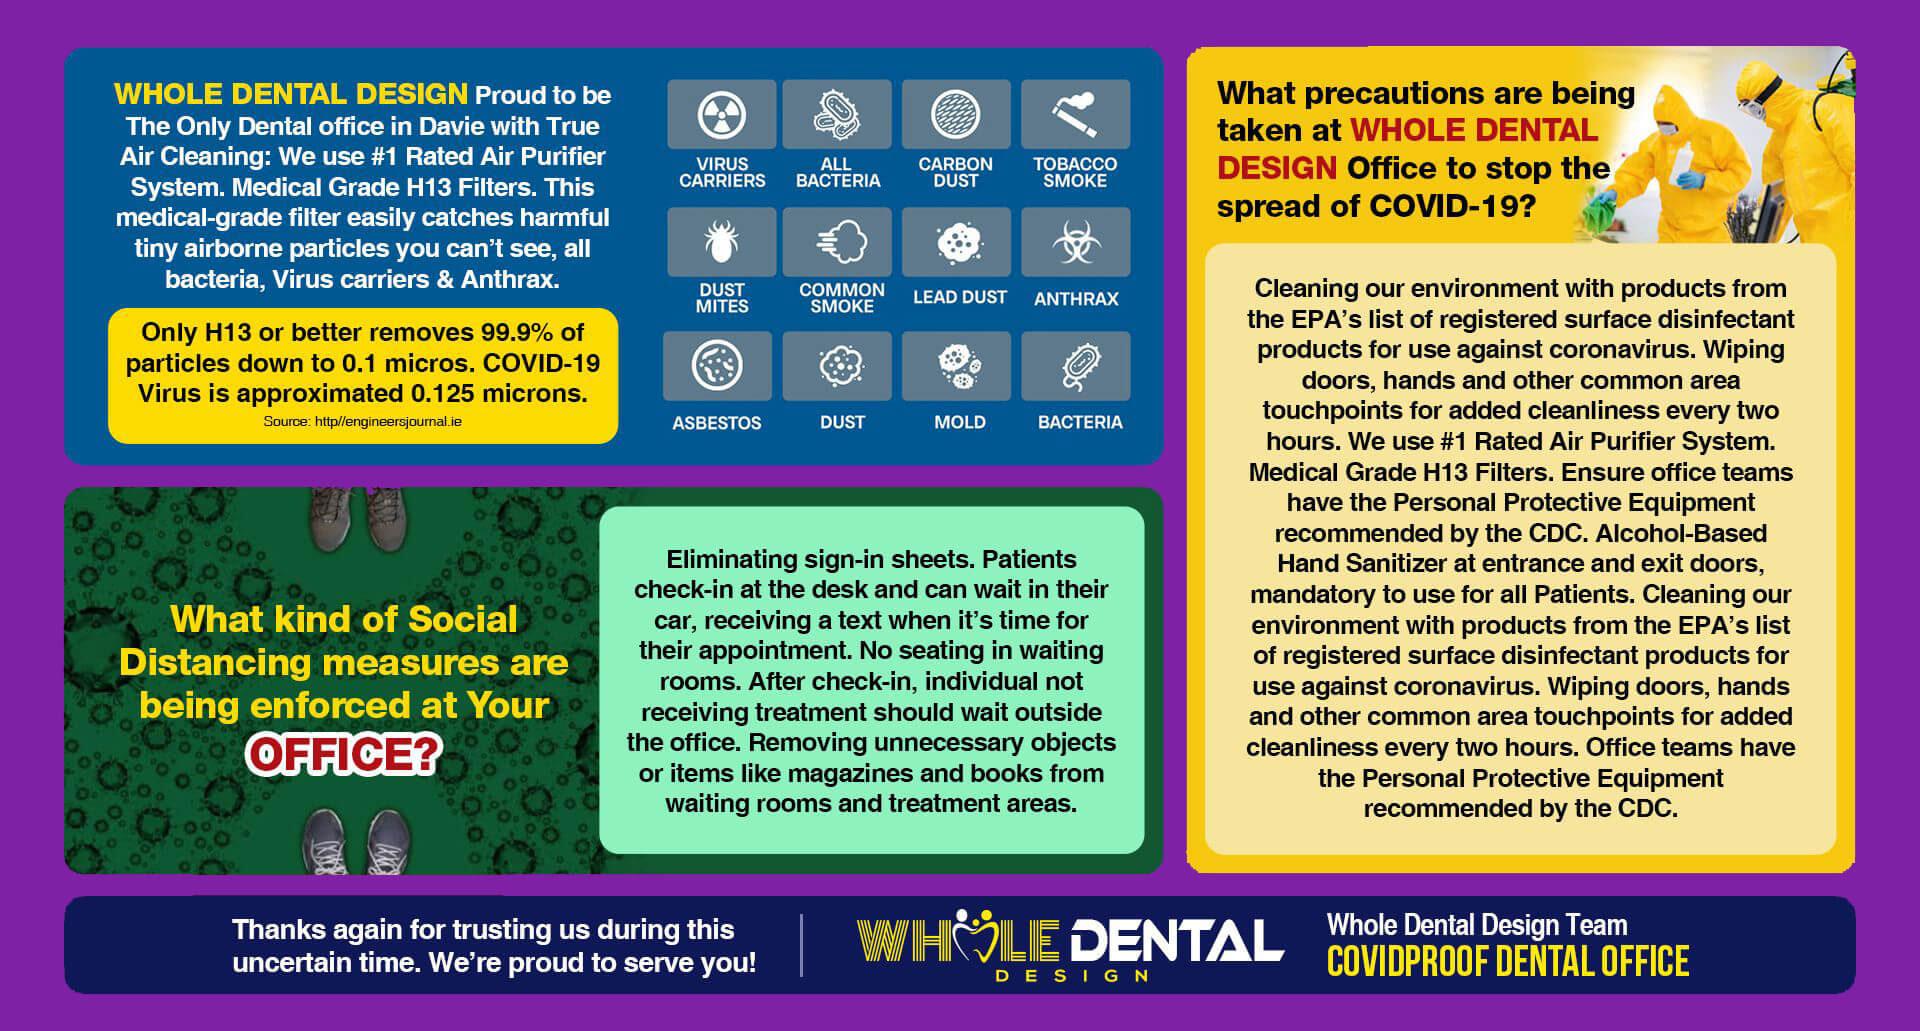 COVID19-Proof